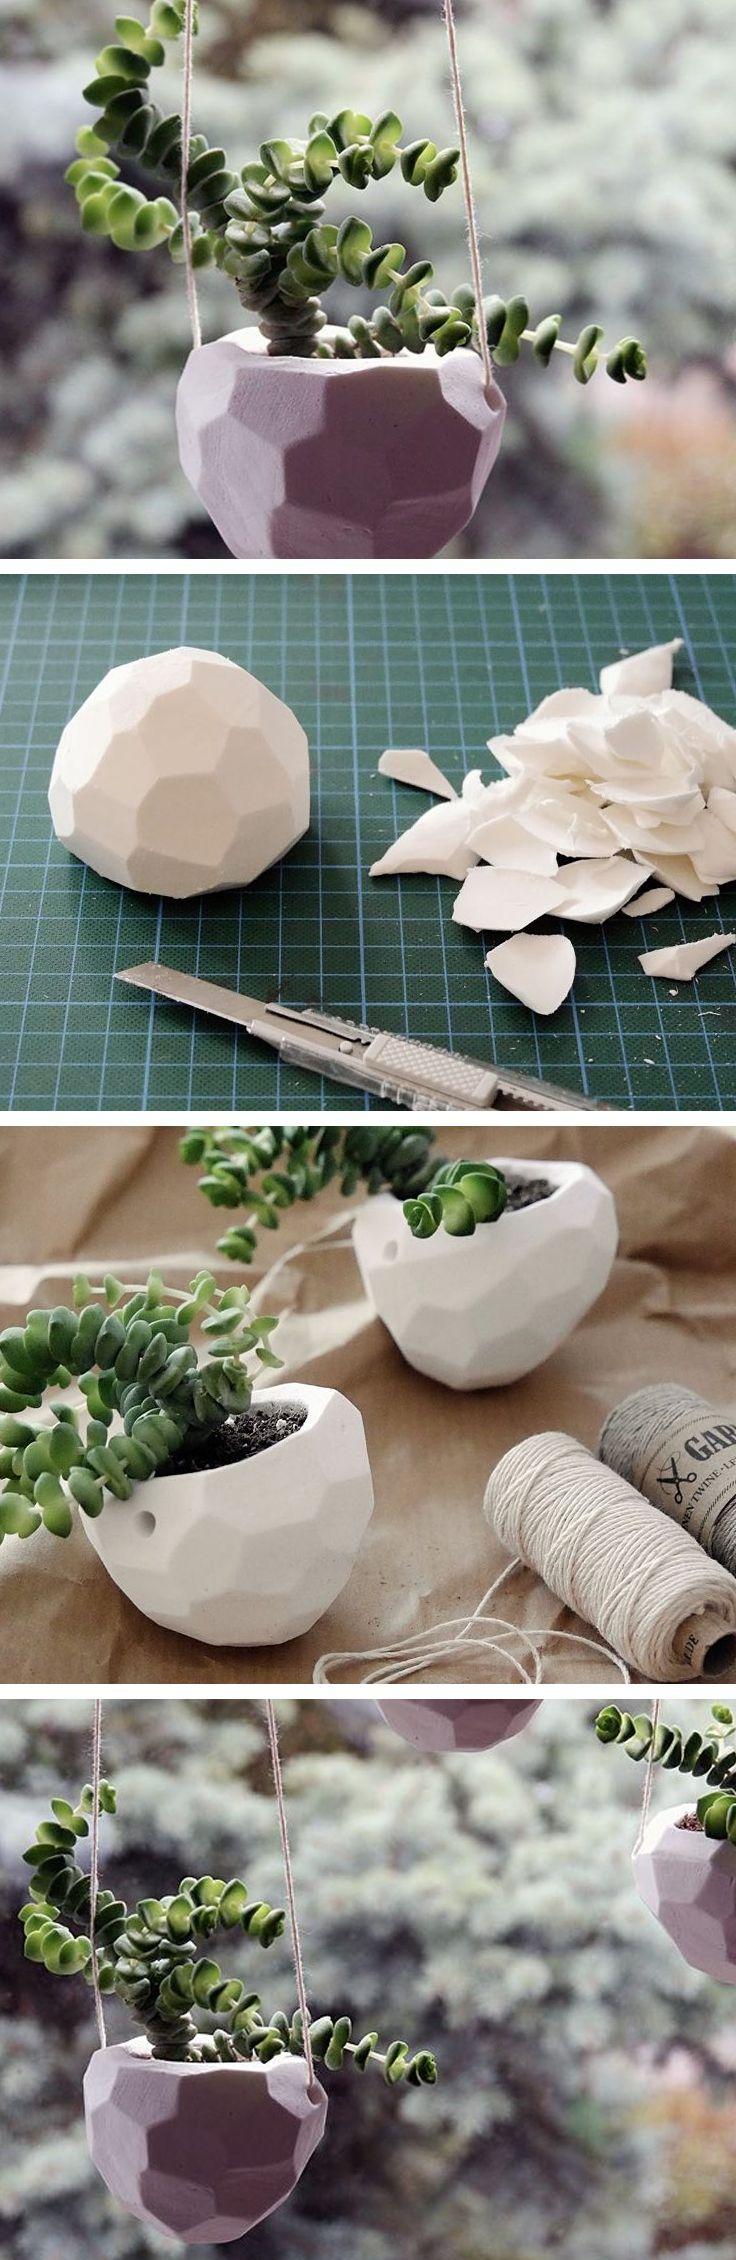 Tutoriel DIY: Fabriquer une suspension florale avec motif à facettes ...